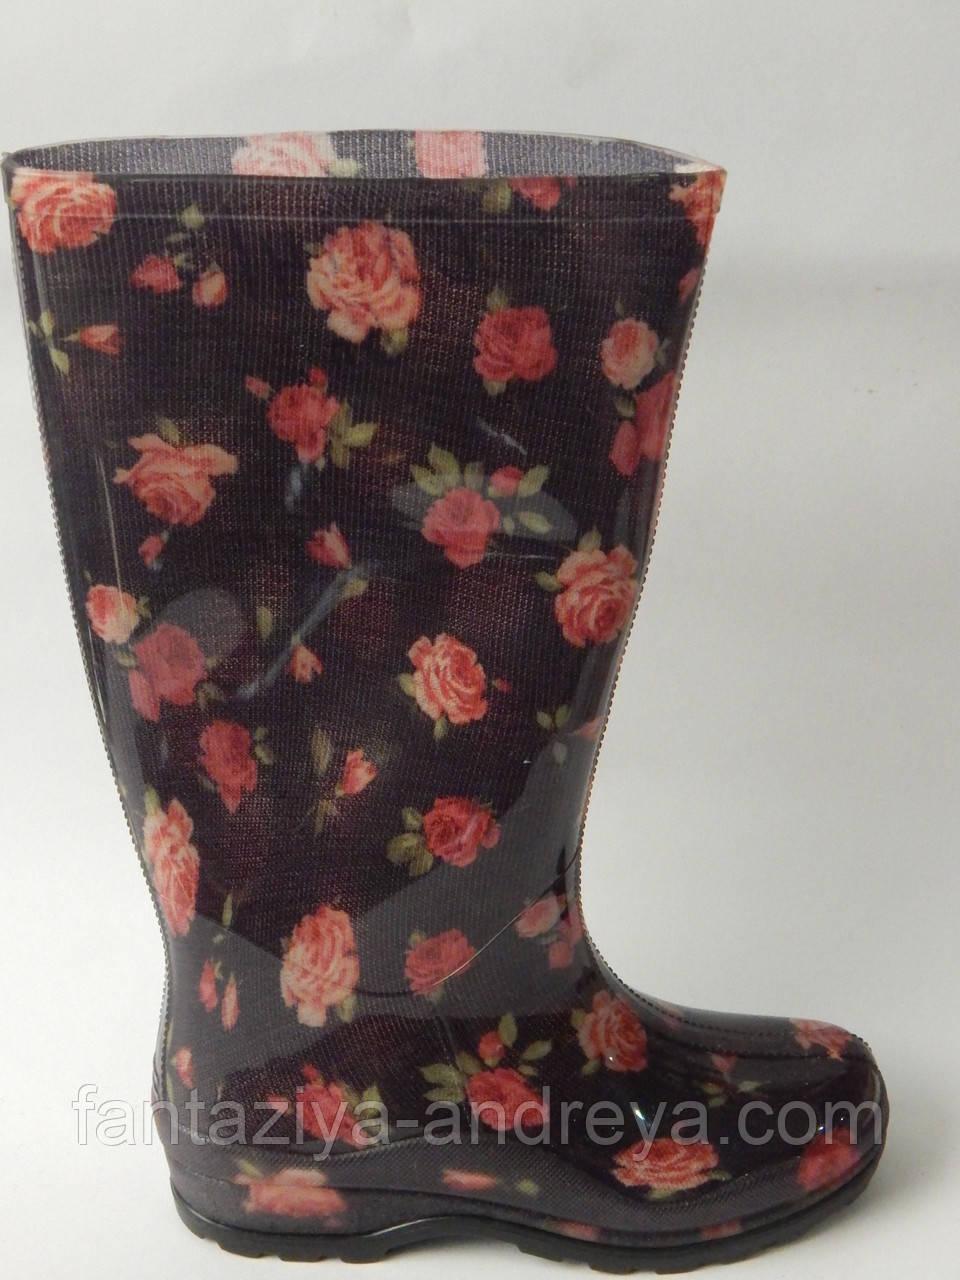 5546174e6 Женские силиконовые сапоги СЖП-4/2 розочка, цена 135 грн./пара, купить в  Одессе — Prom.ua (ID#362568219)